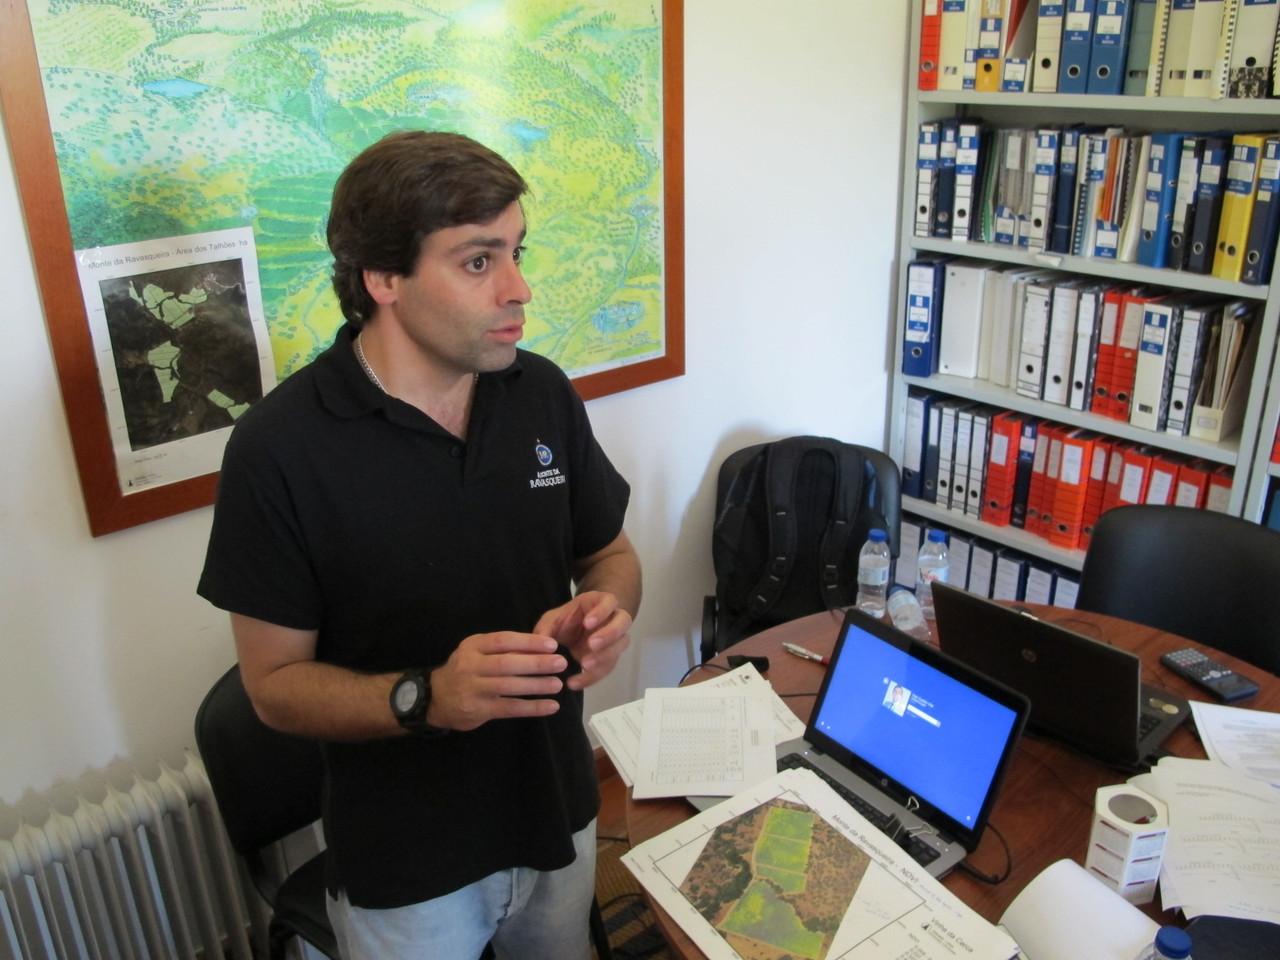 Pedro Pereira Gonçalves